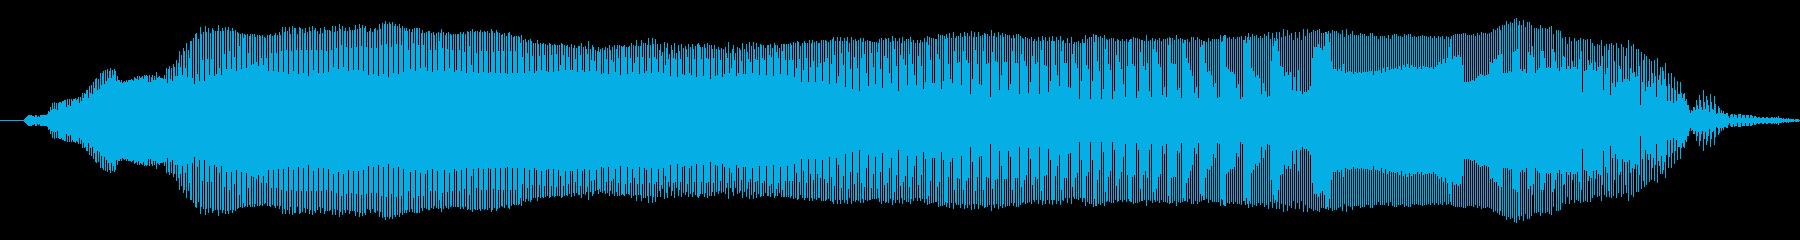 いぇーい!(yeah!)の再生済みの波形